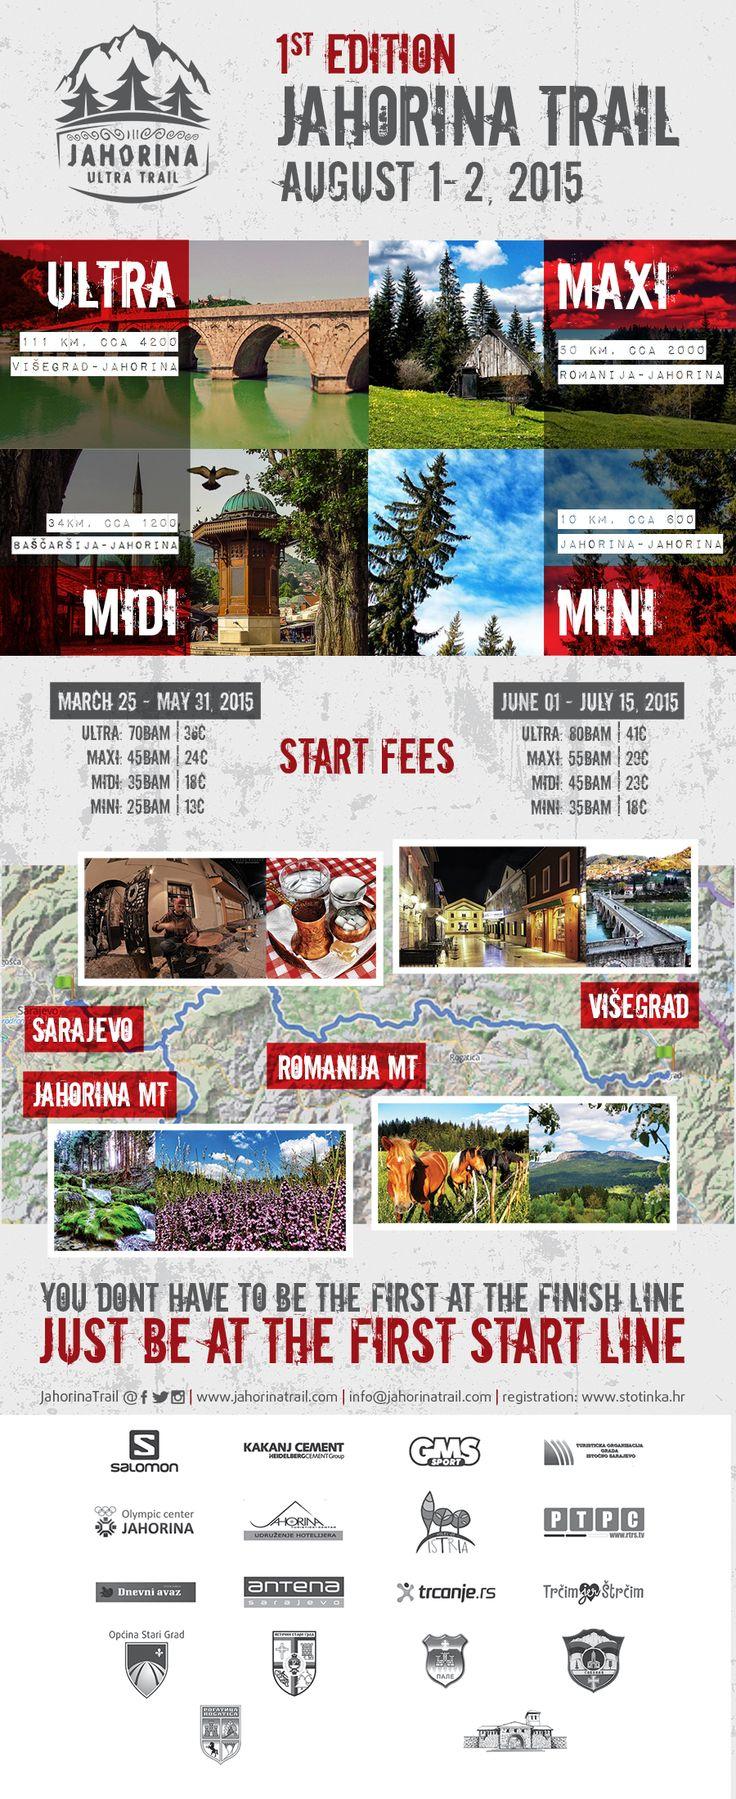 Jahorina Trail 2015